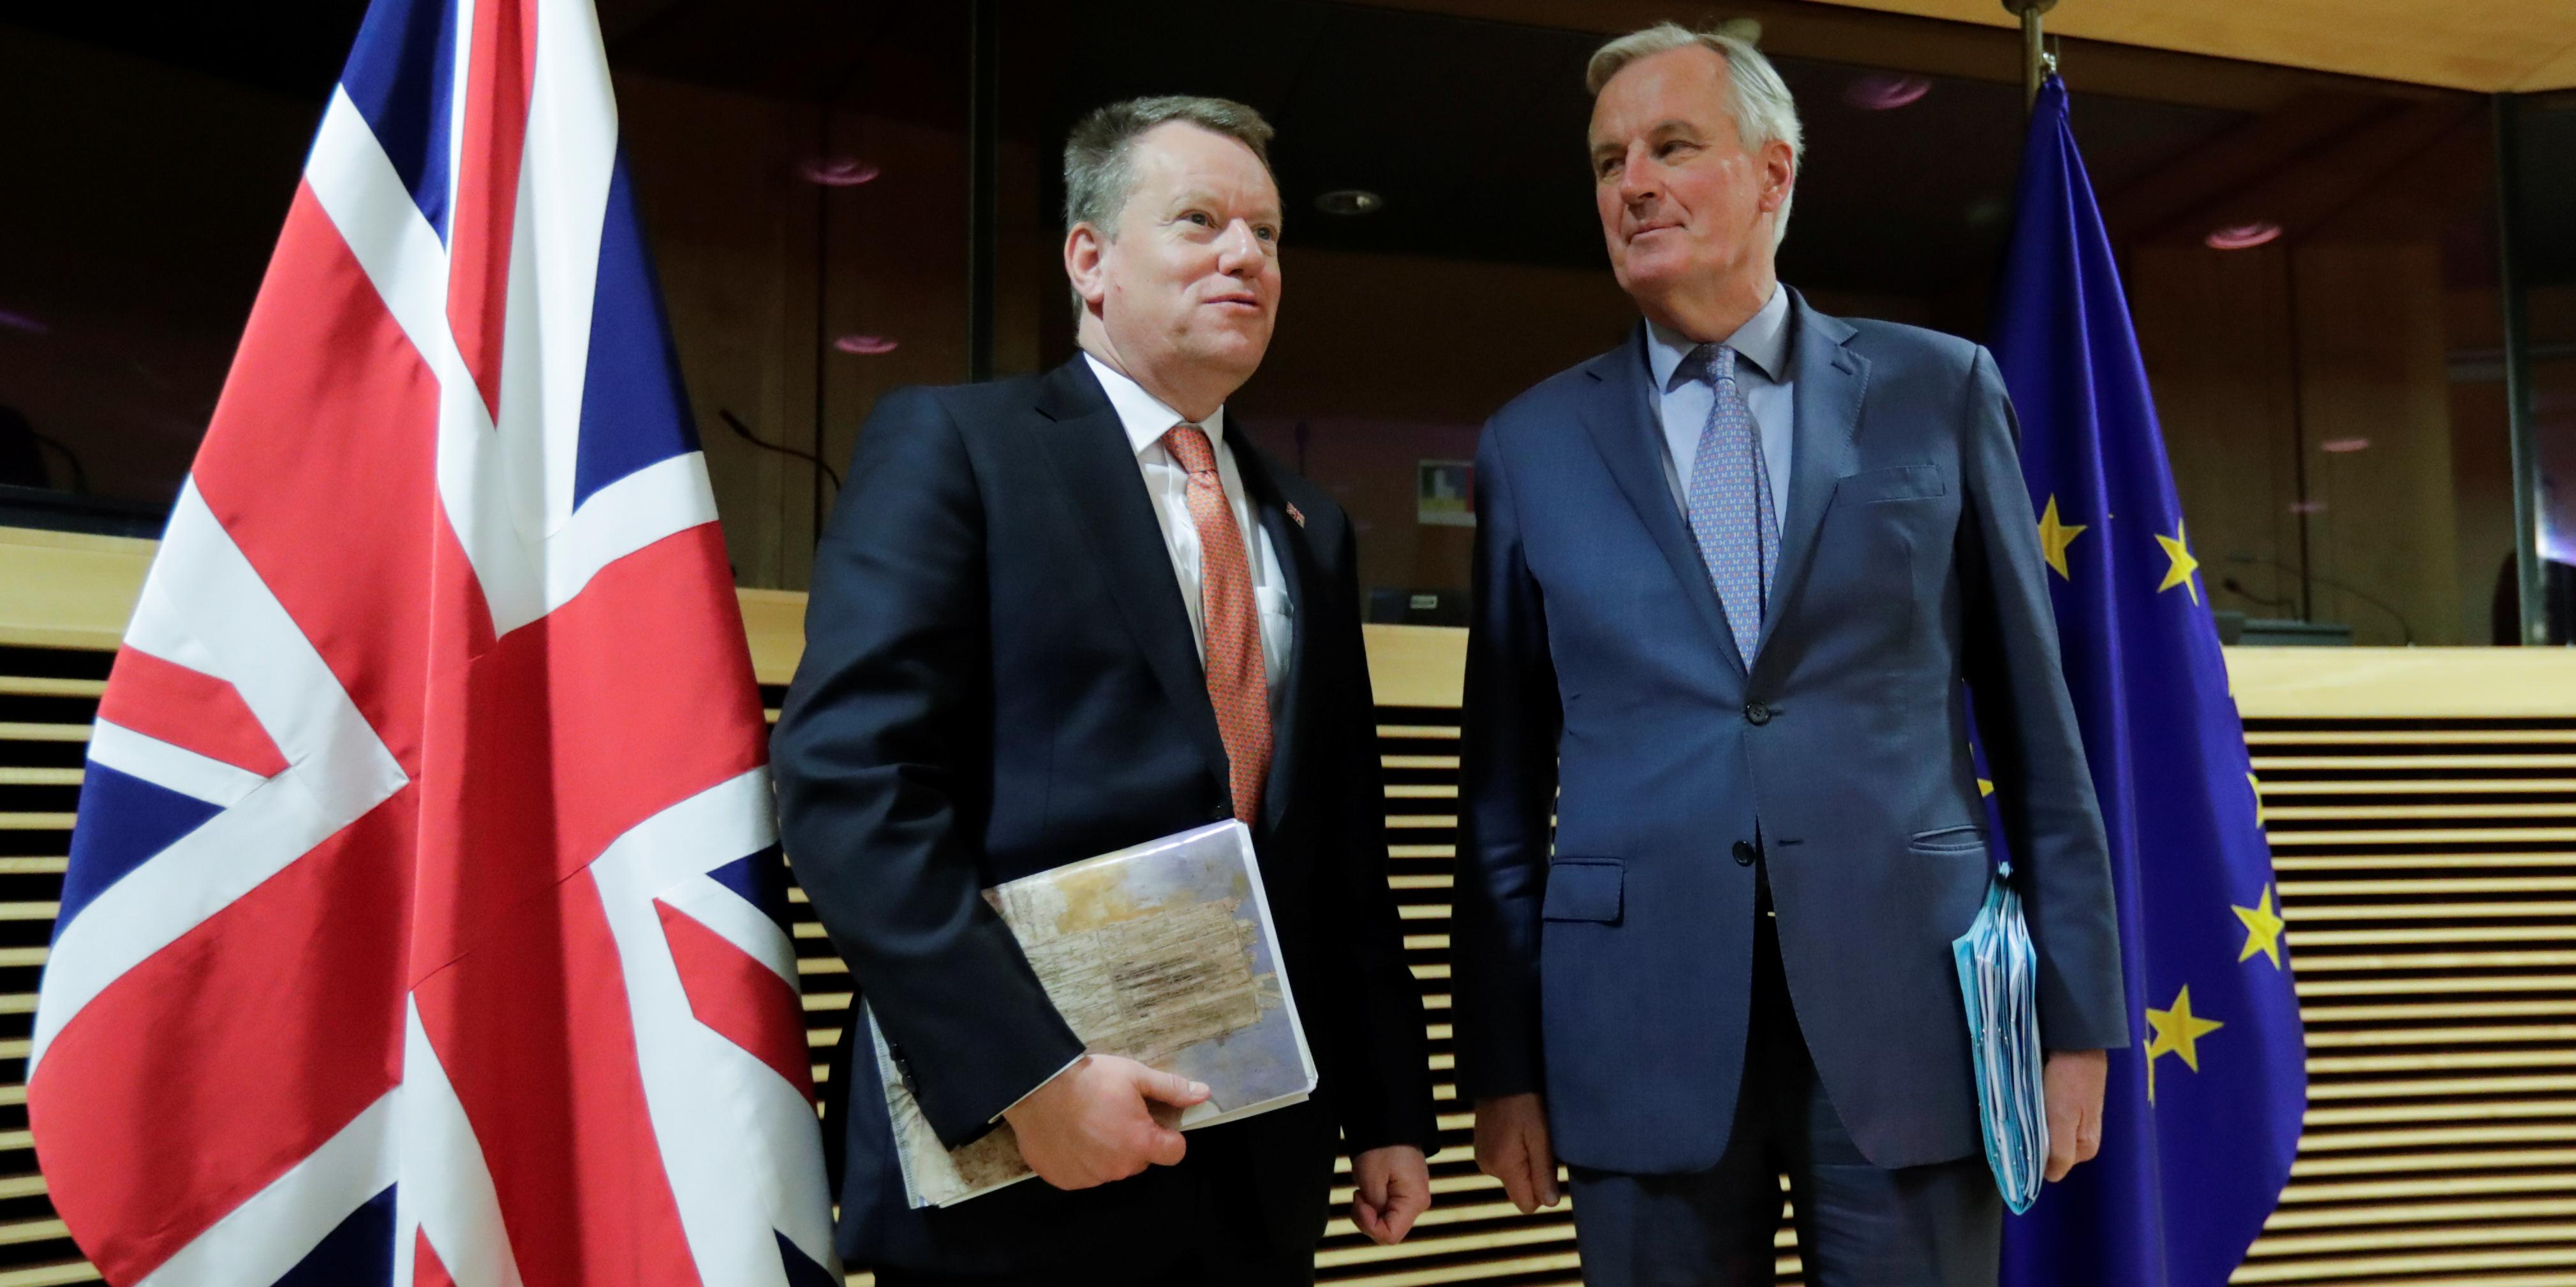 brexit-michel-barnier-a-dr-negociateur-en-chef-de-l-union-europeenne-ue-et-son-homologue-britannique-david-frost-a-g